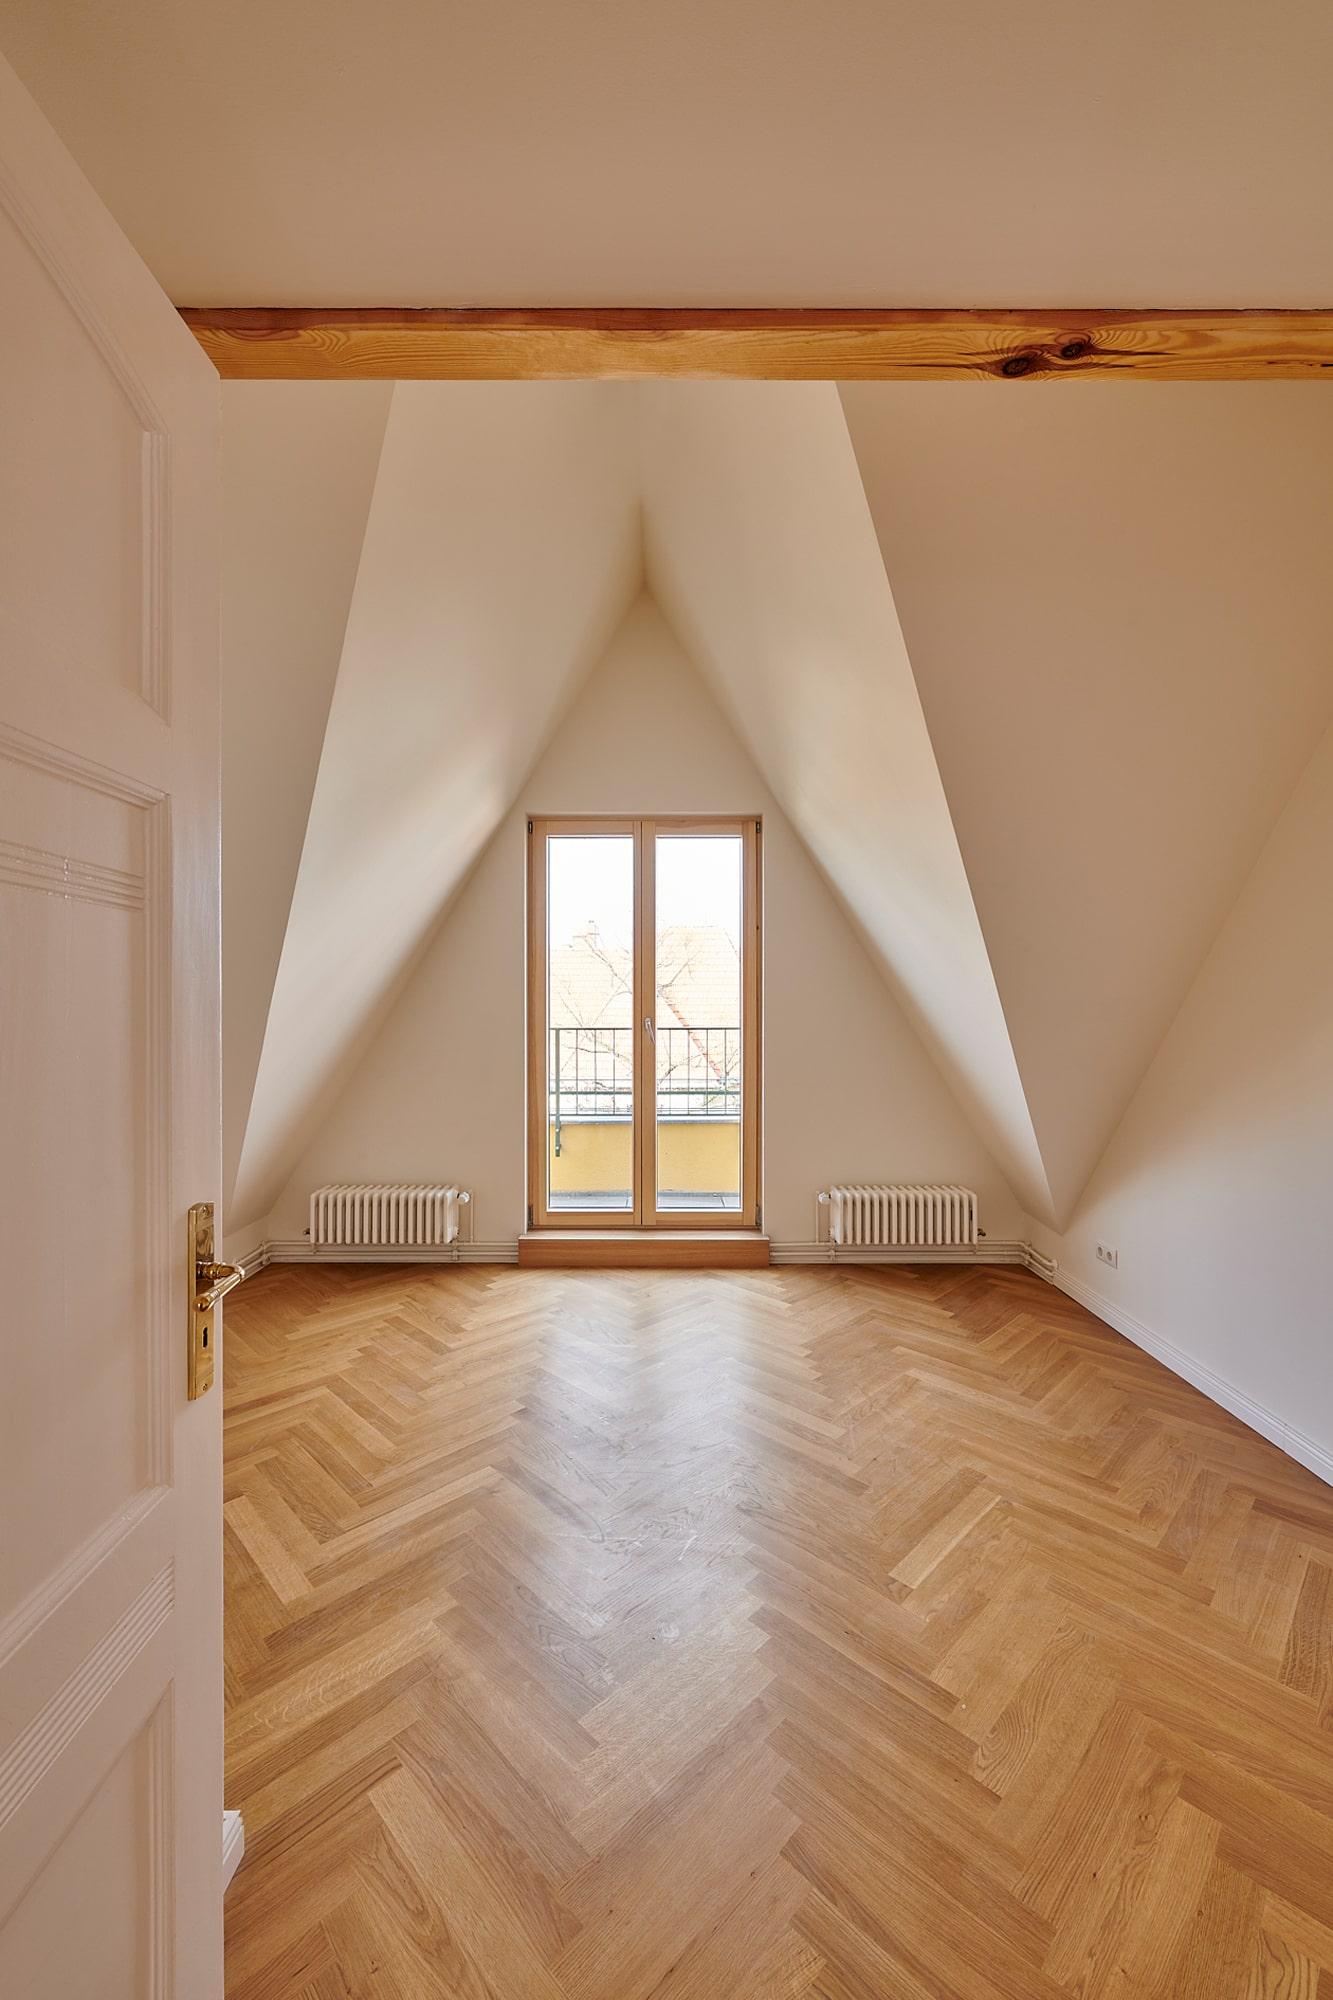 Gabriele Riesner, Architektin, Berlin, Dachgeschossausbau eines Mietshauses in Berlin-Steglitz, Frontspießzimmer 1